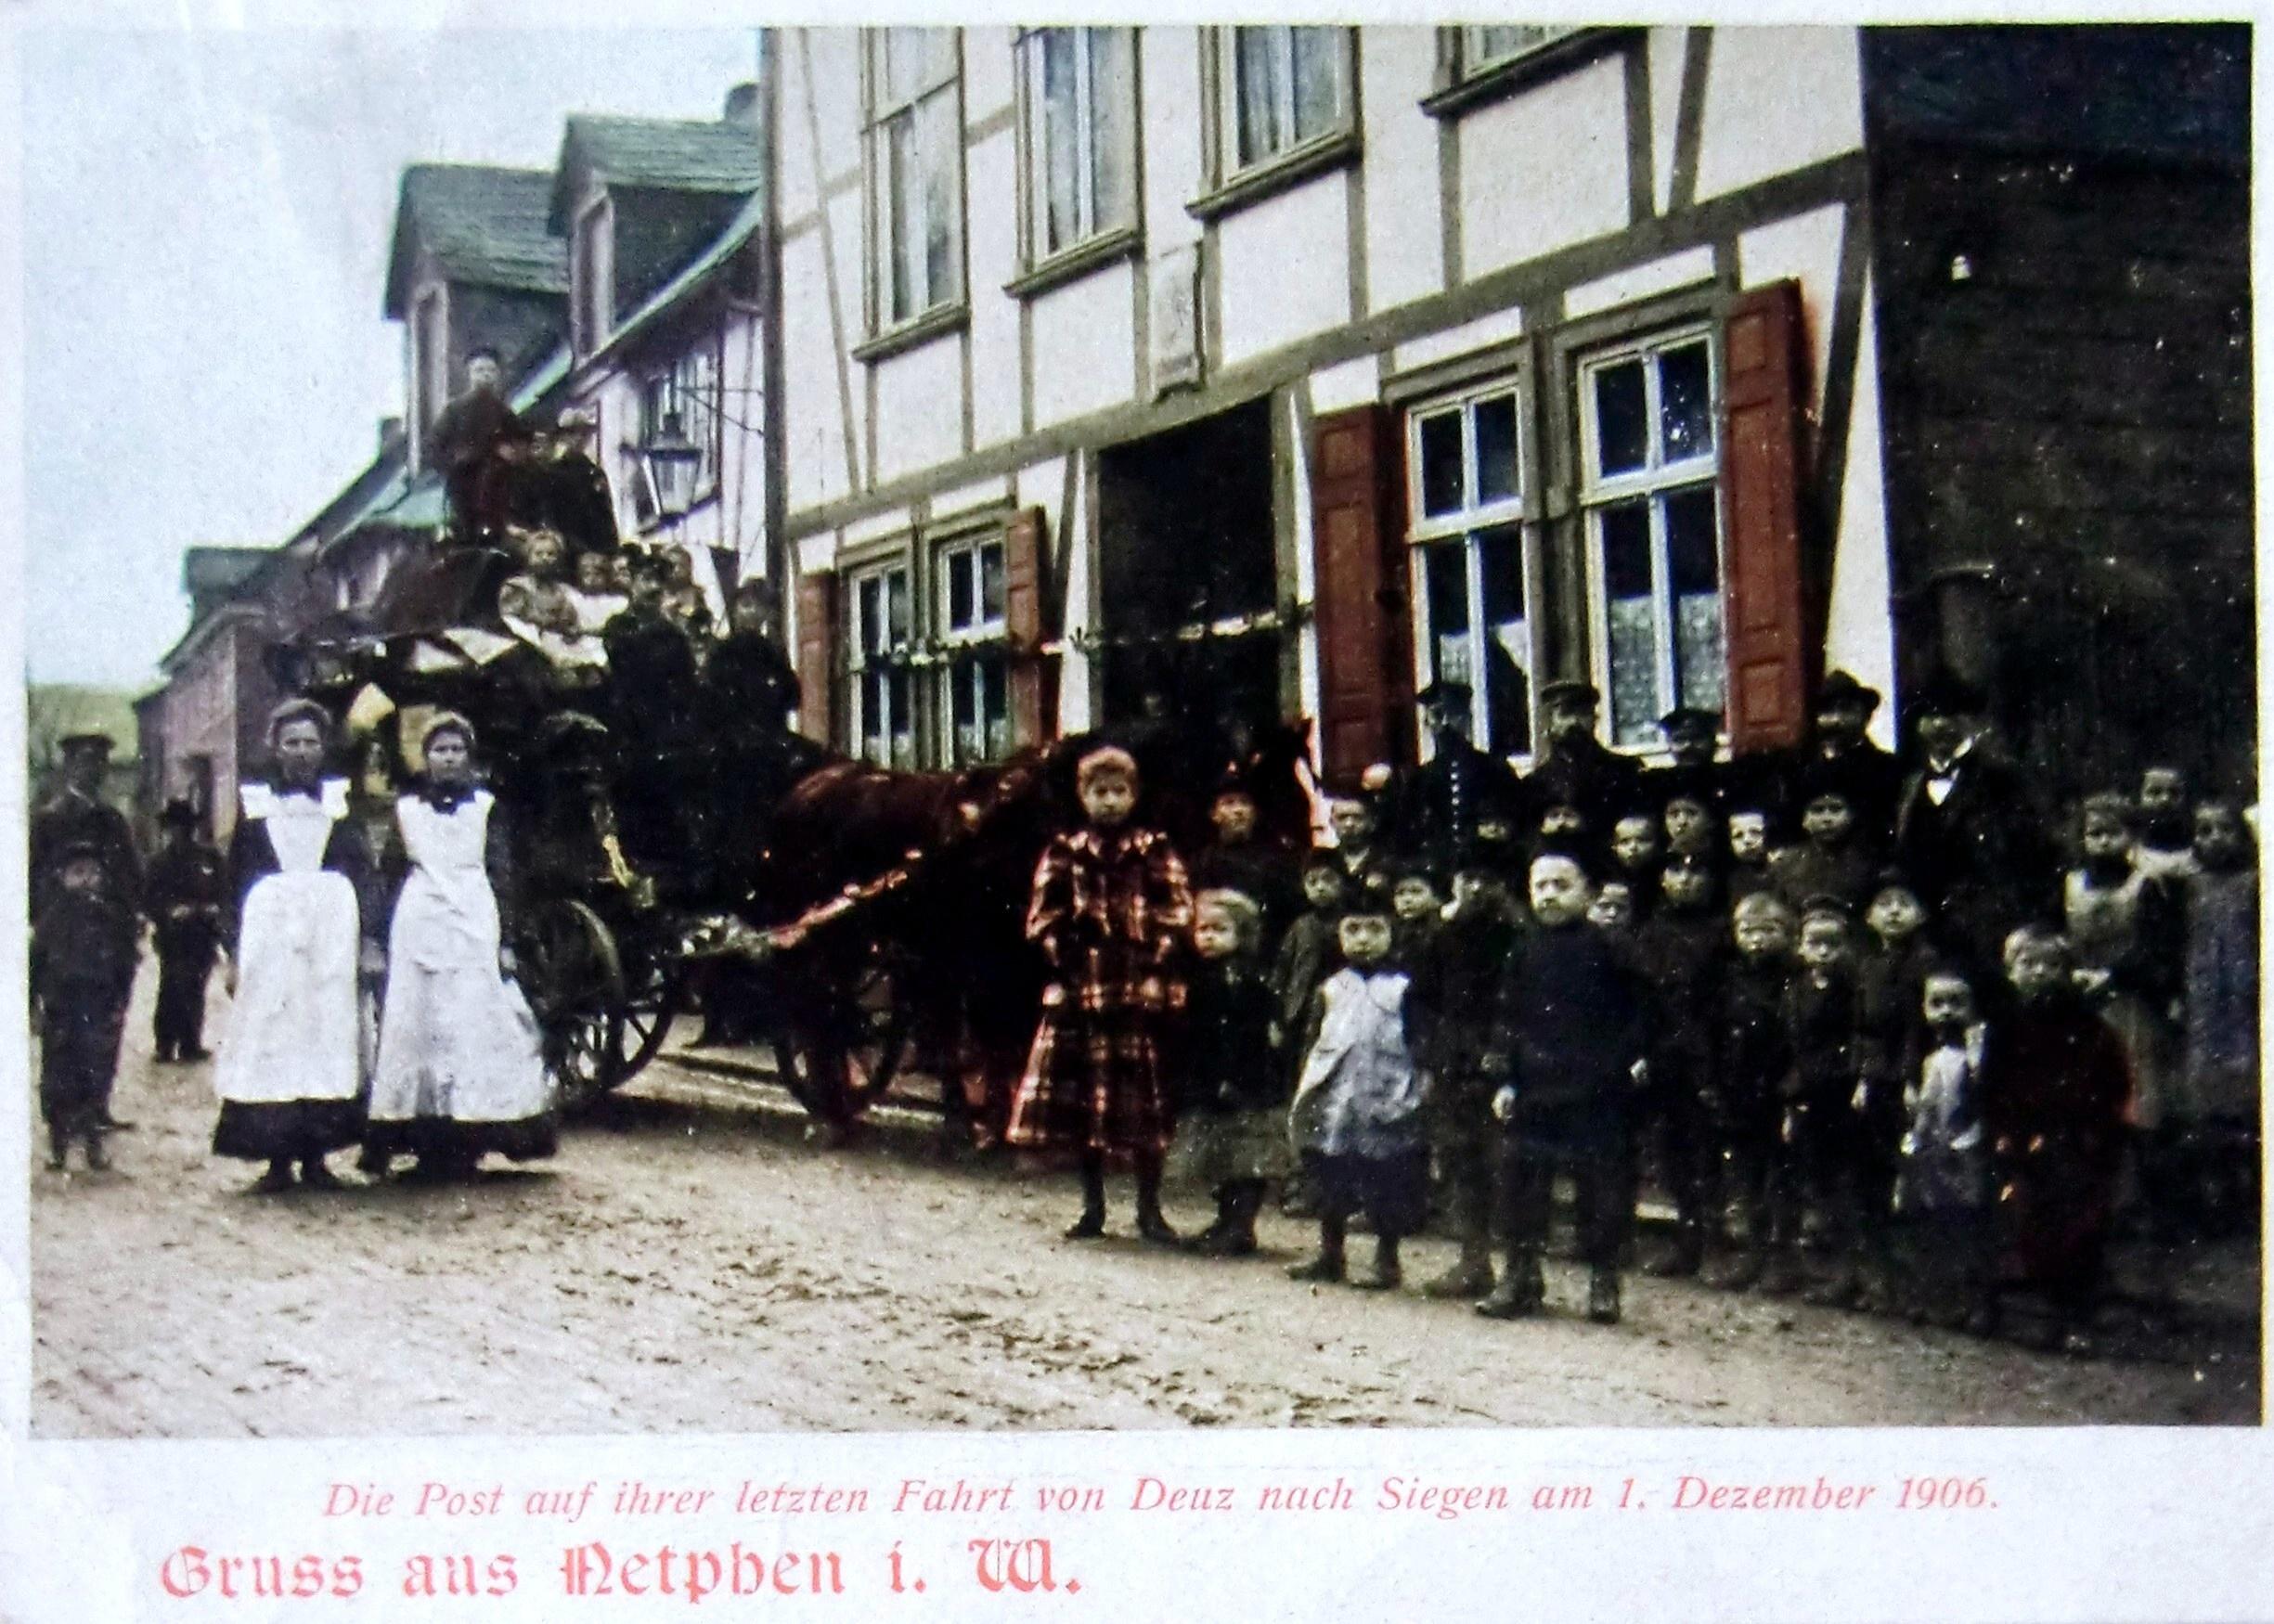 AK-letzte-Postkutschenfahrt-1.12.1906-in-Netphen-Slg.-M.-Reber